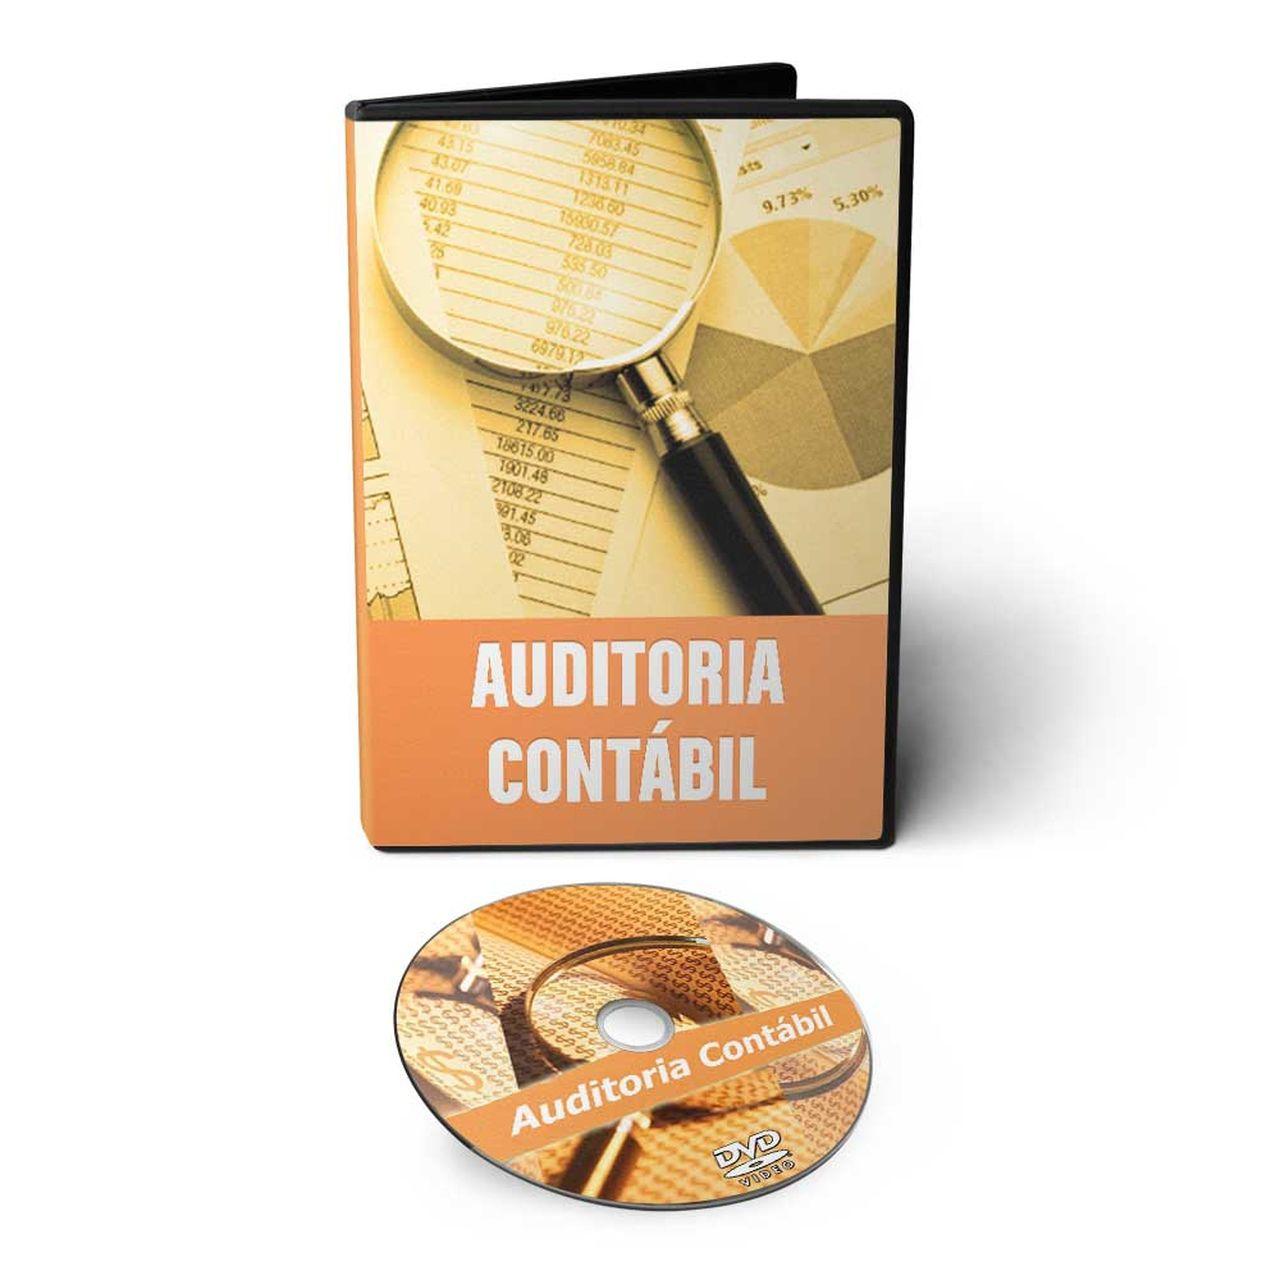 Curso de Auditoria Contábil em DVD Videoaula